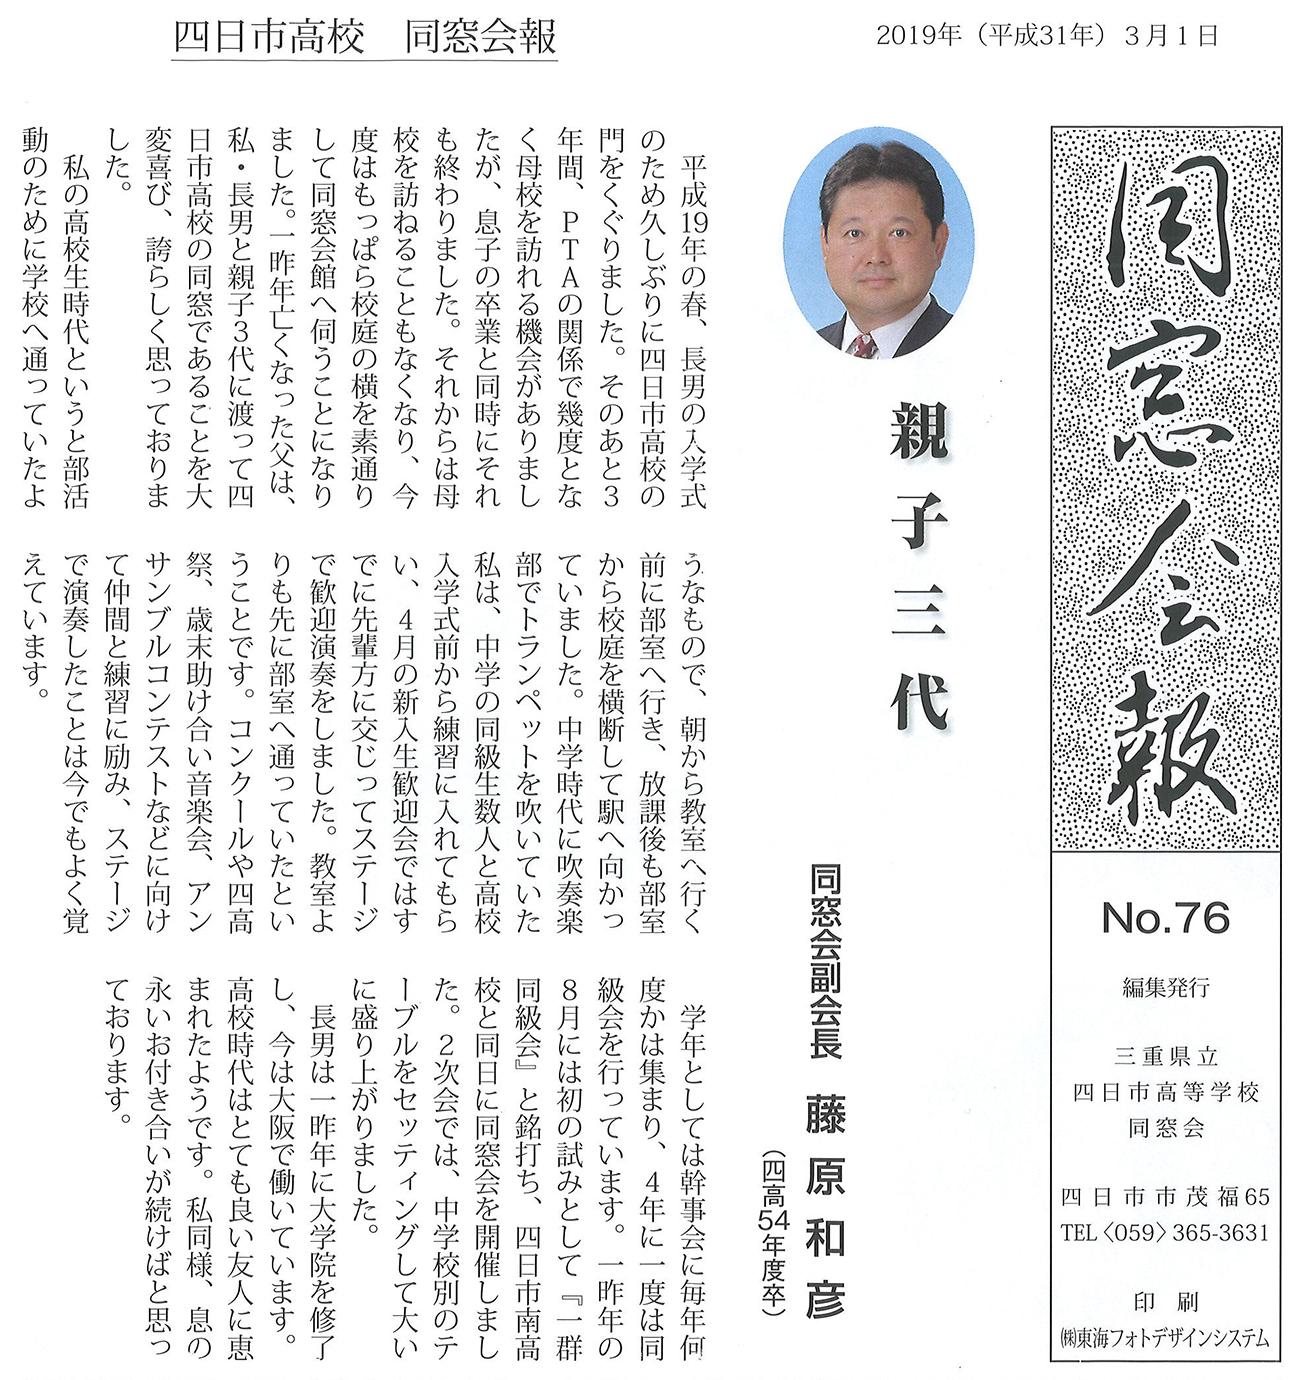 四日市高校同窓会会報の記事写真